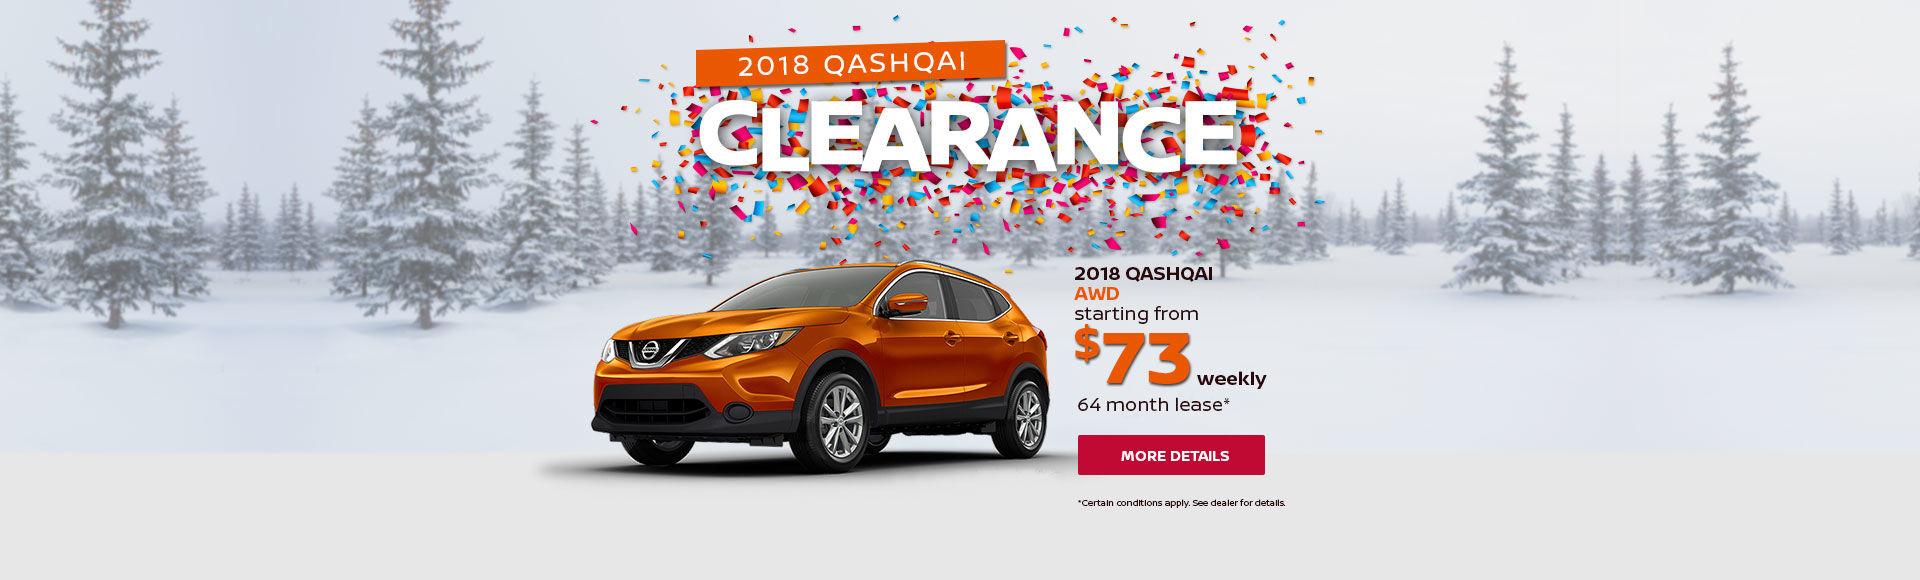 2018 Qashqai Clearance